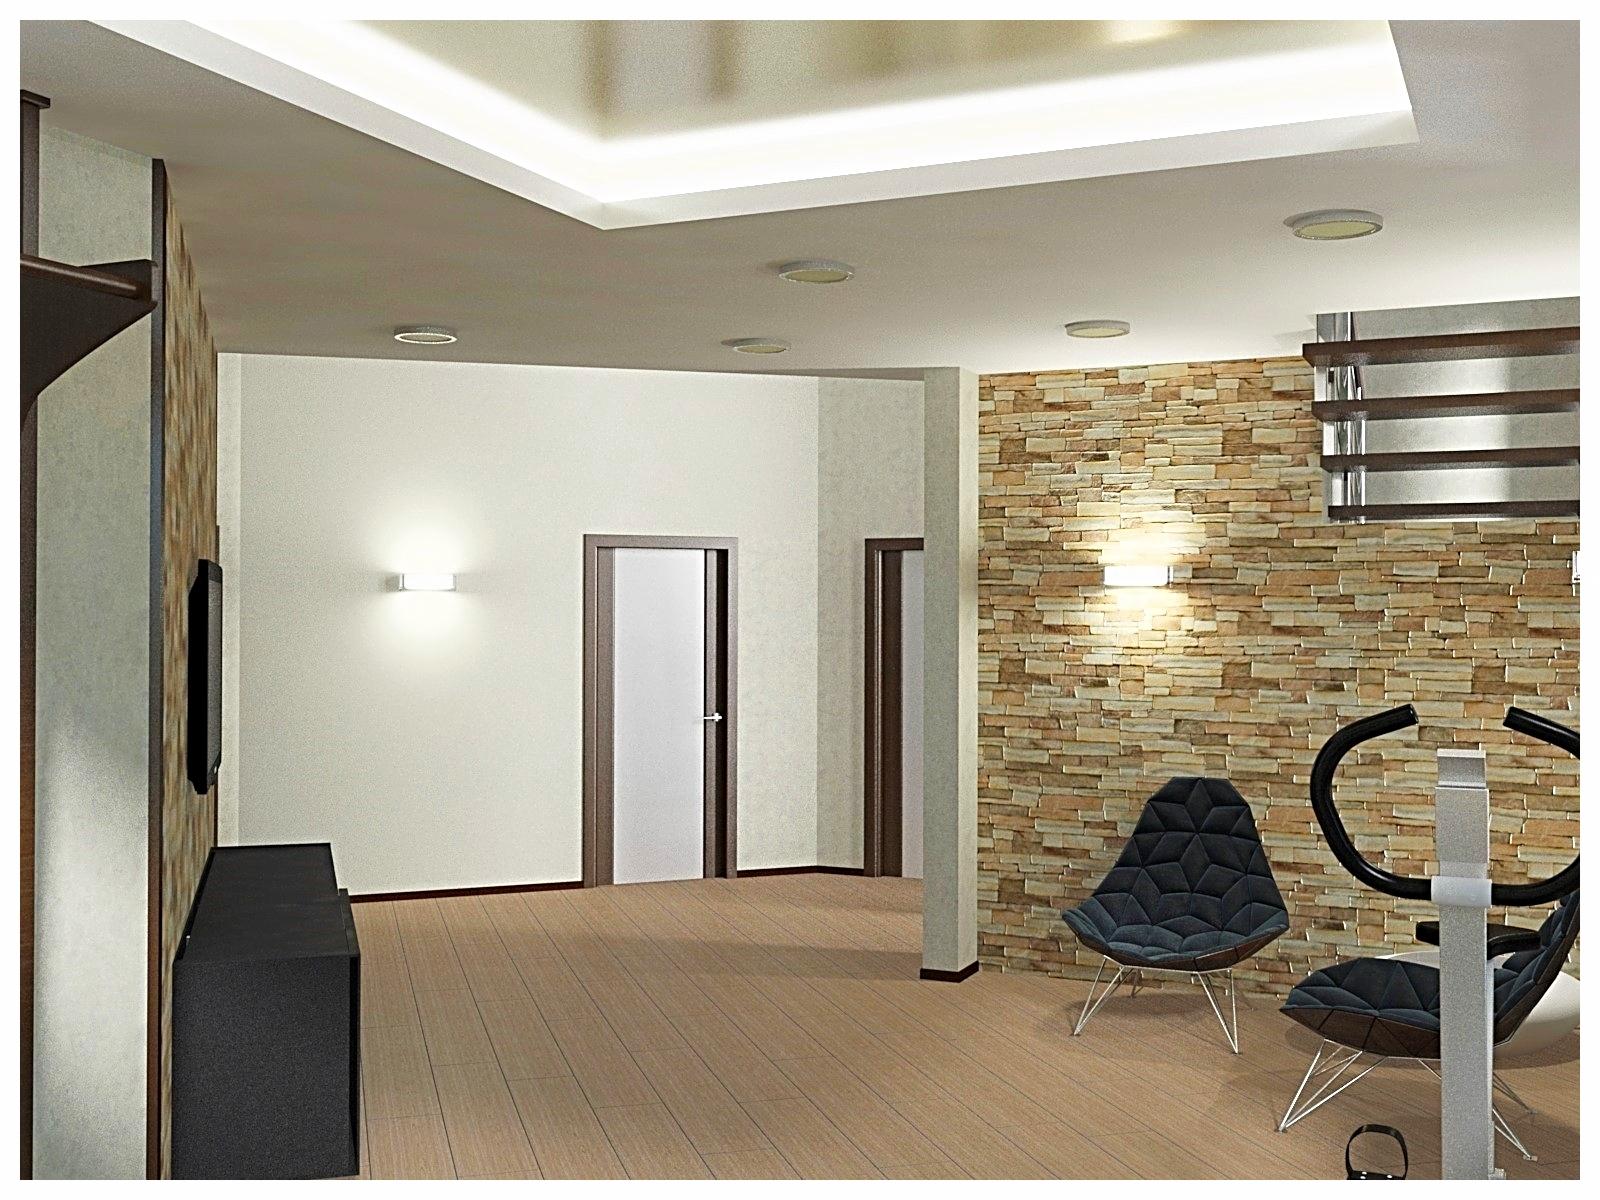 Дизайн интерьеров дома. Холл второго этажа 2.